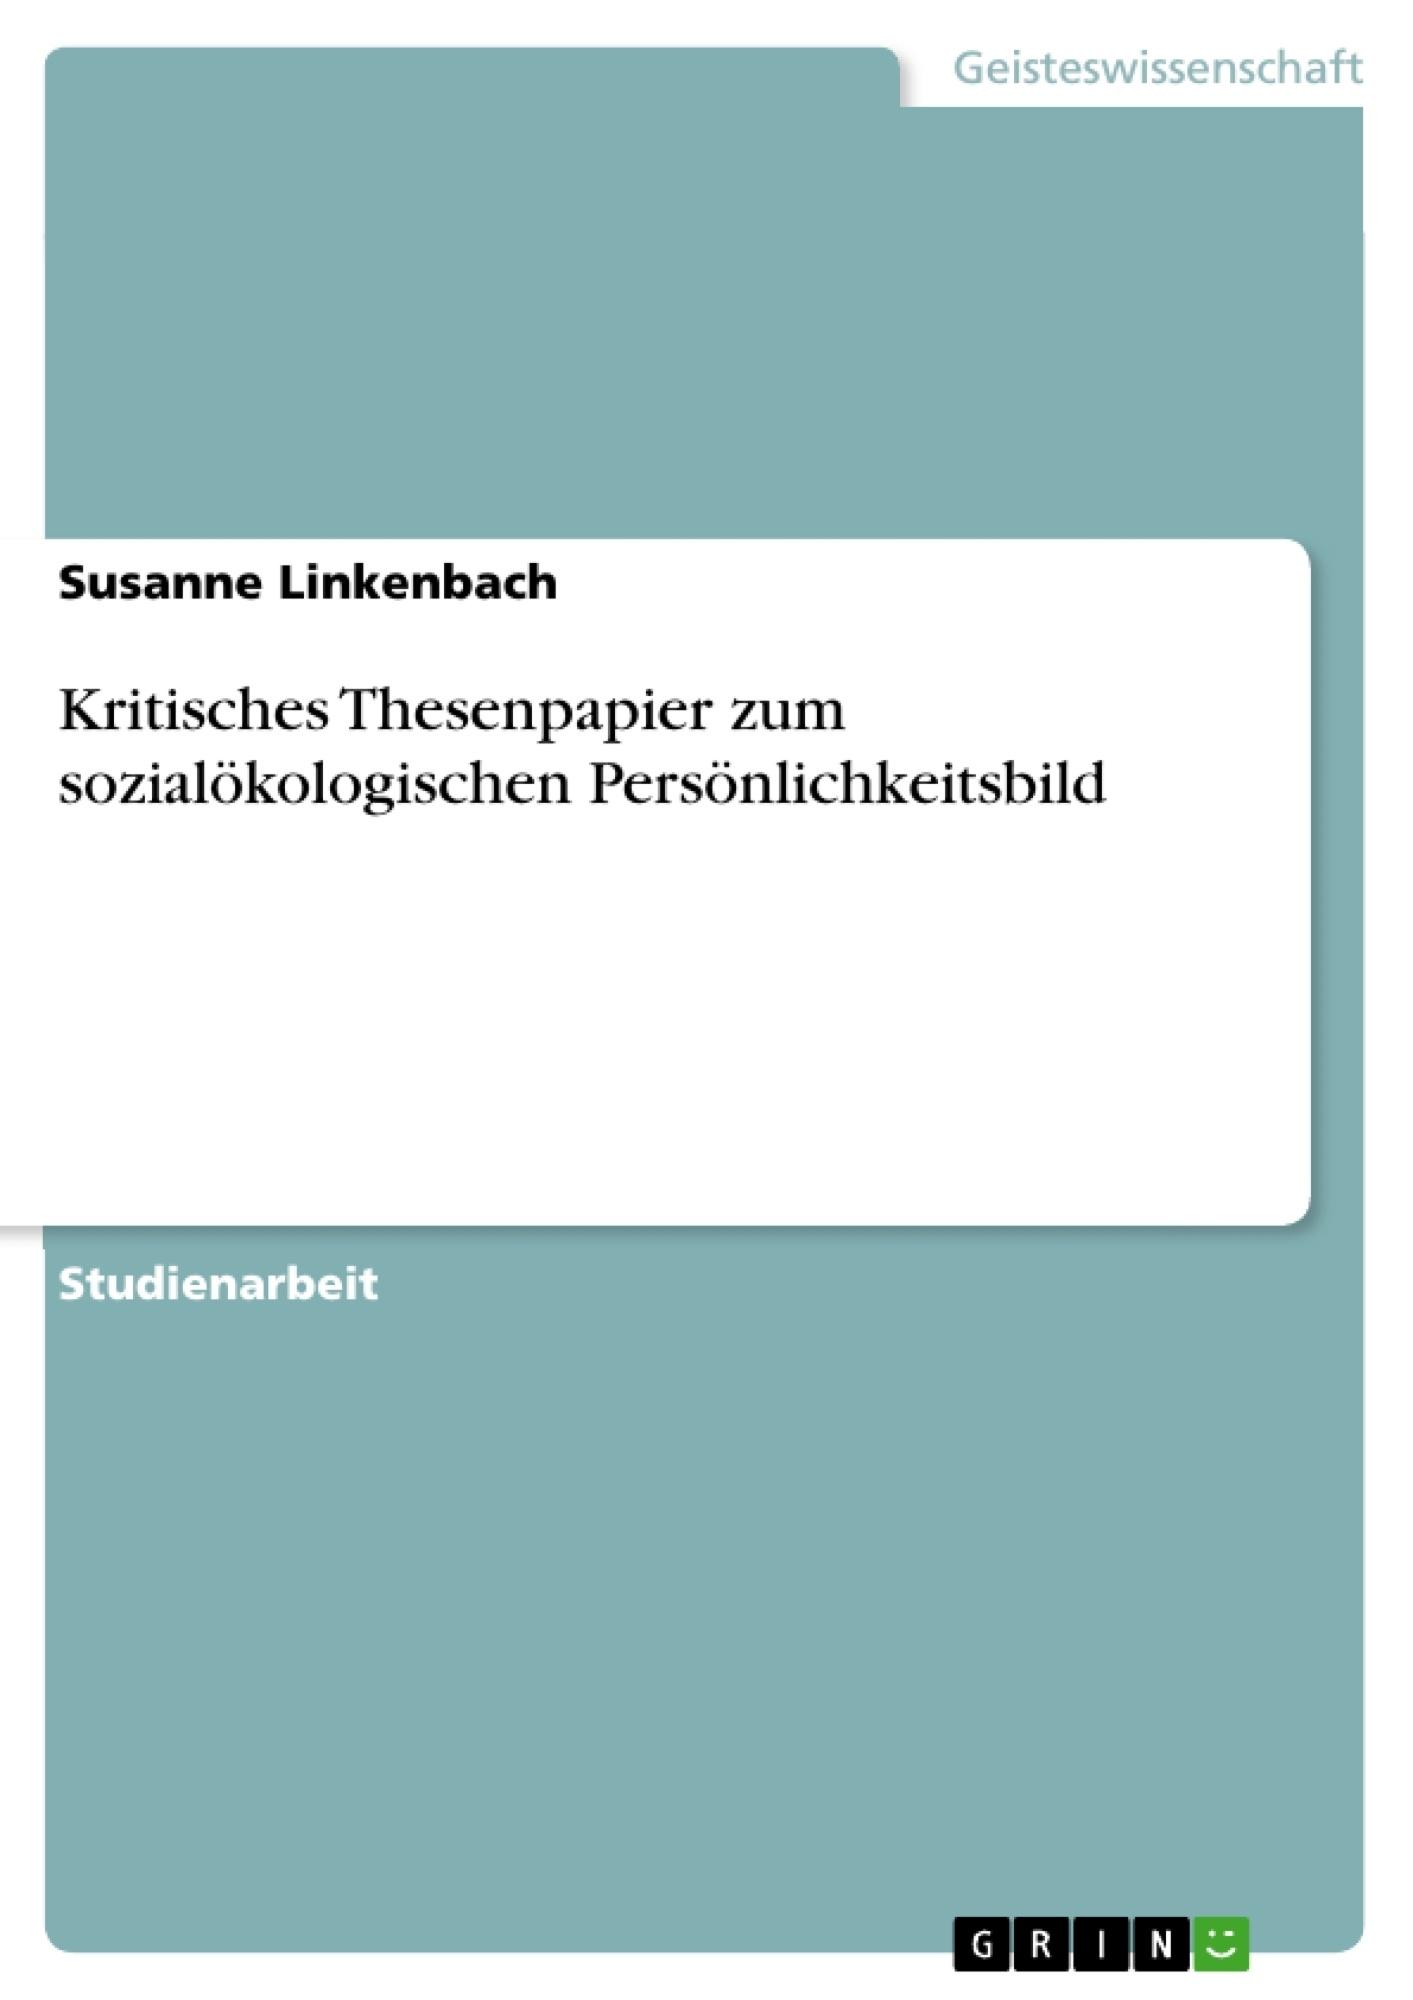 Titel: Kritisches Thesenpapier zum sozialökologischen Persönlichkeitsbild